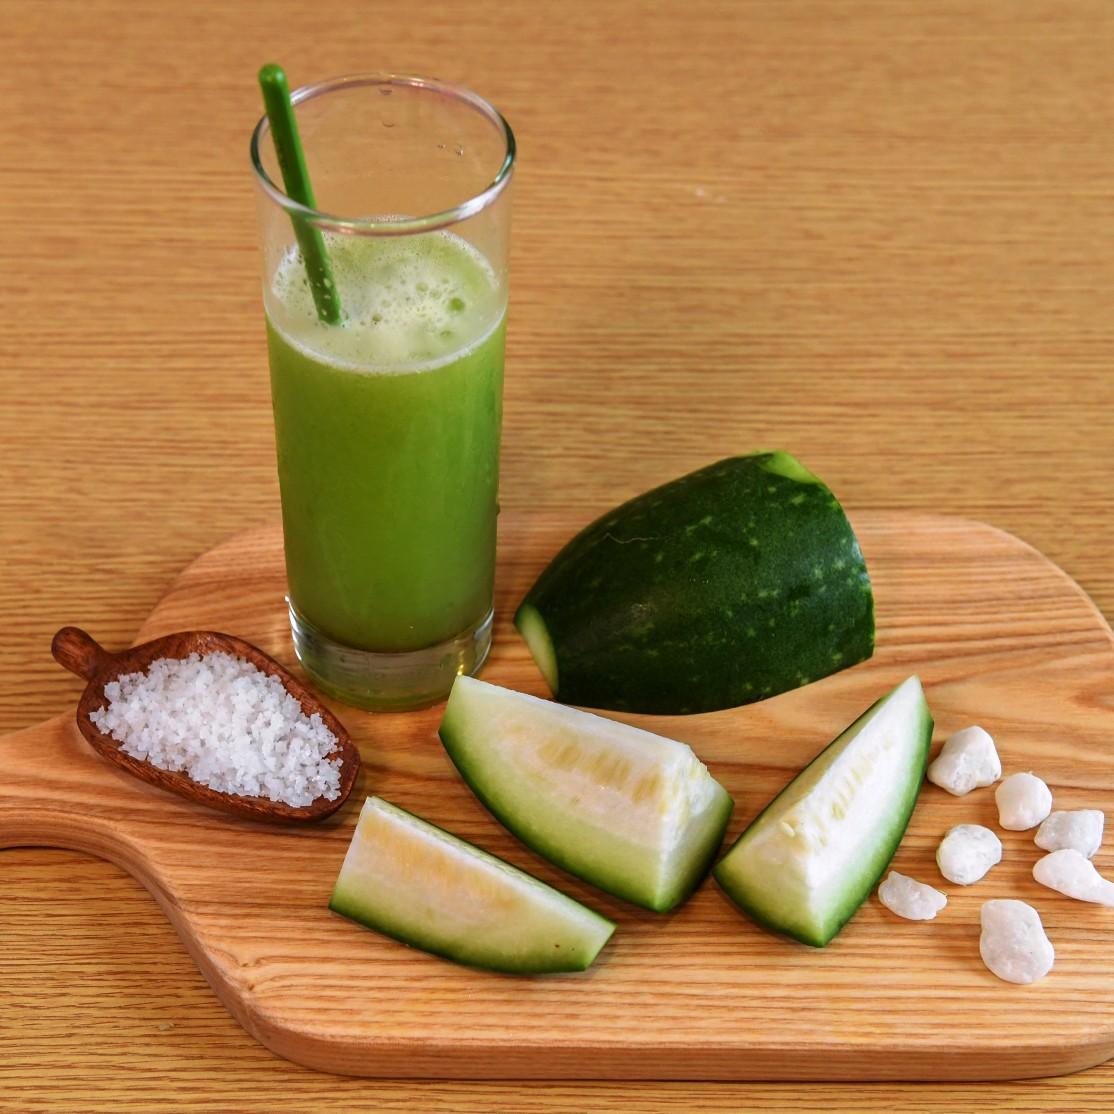 Thực phẩm giải nhiệt mùa nắng nóng, vào những ngày nắng cao điểm như hiện nay nhất định phải bổ sung - Ảnh 3.